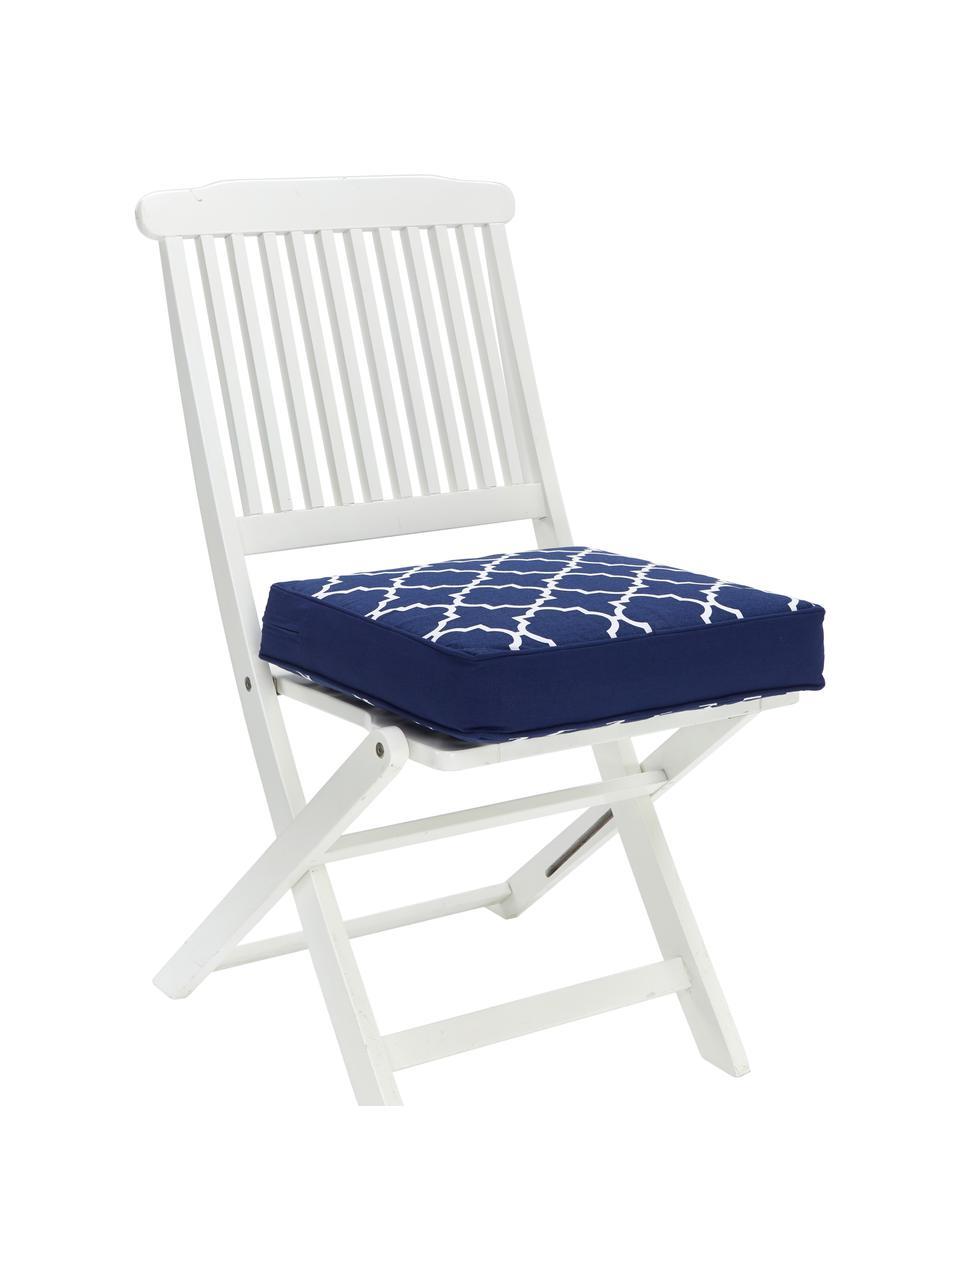 Hohes Sitzkissen Lana in Dunkelblau/Weiß, Bezug: 100% Baumwolle, Blau, 40 x 40 cm